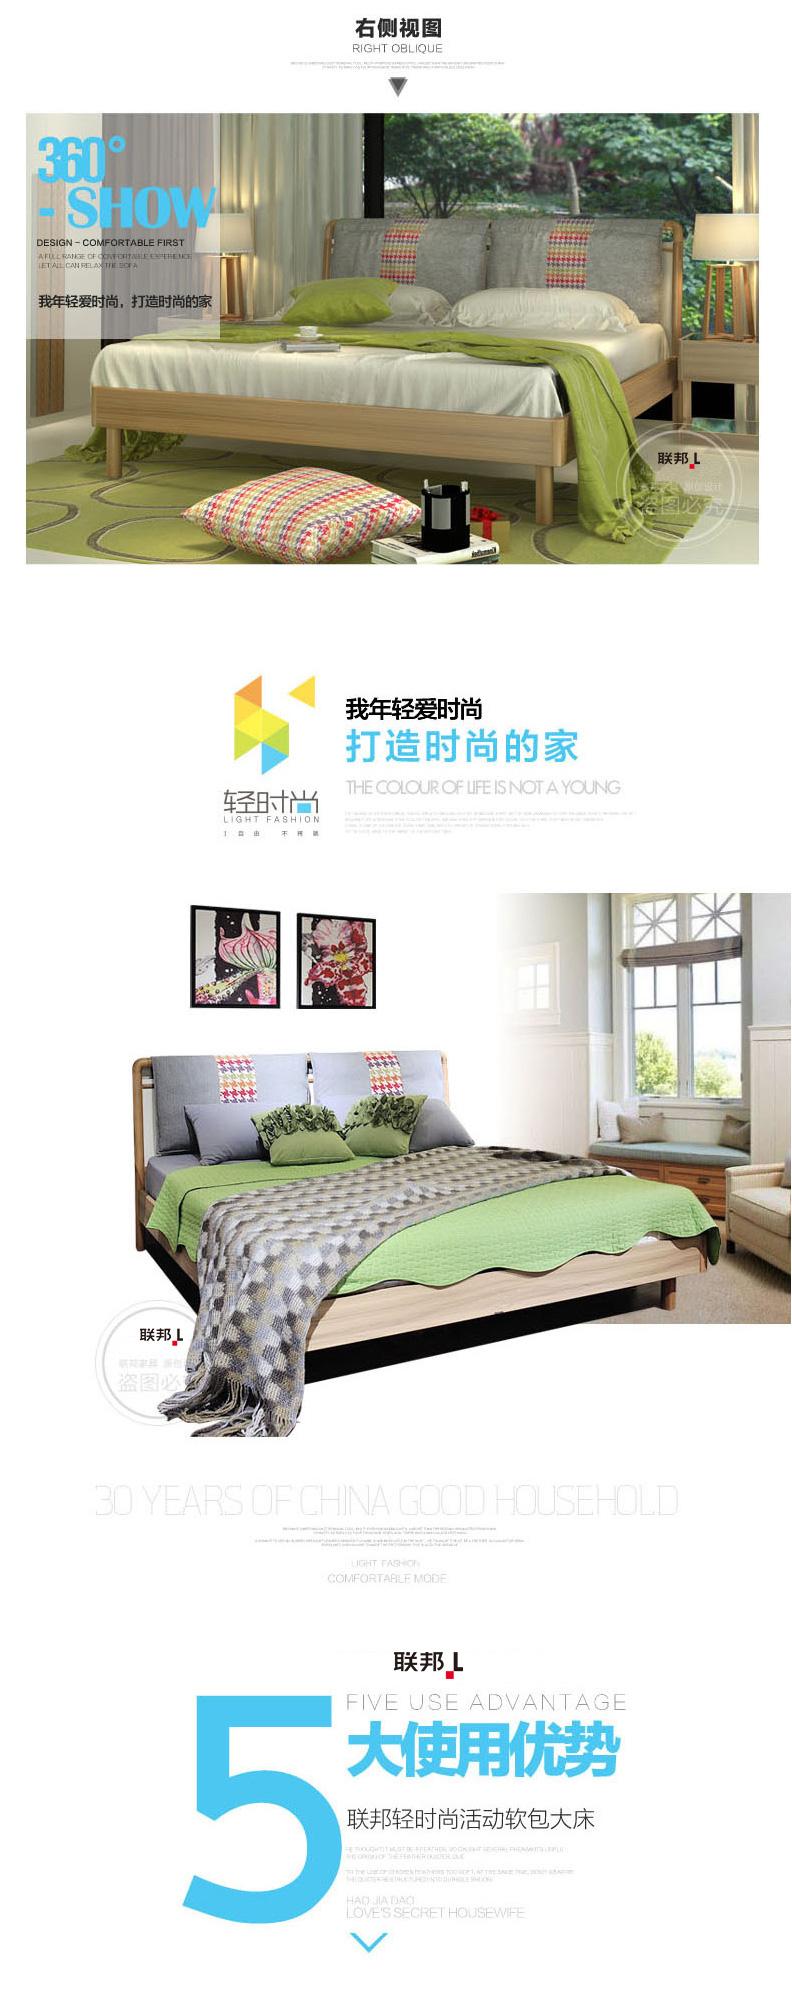 联邦家具-北欧风格软靠实木床1_02.jpg